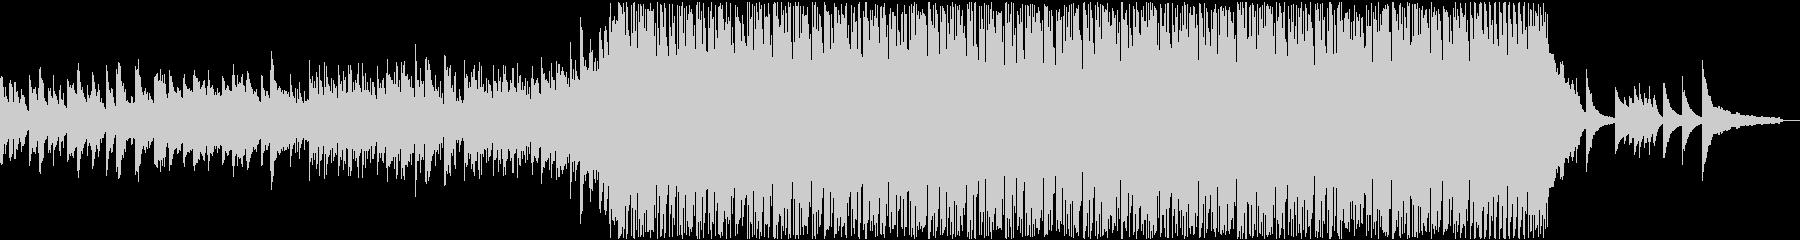 ピアノとストリングスの熱いドラムンベースの未再生の波形